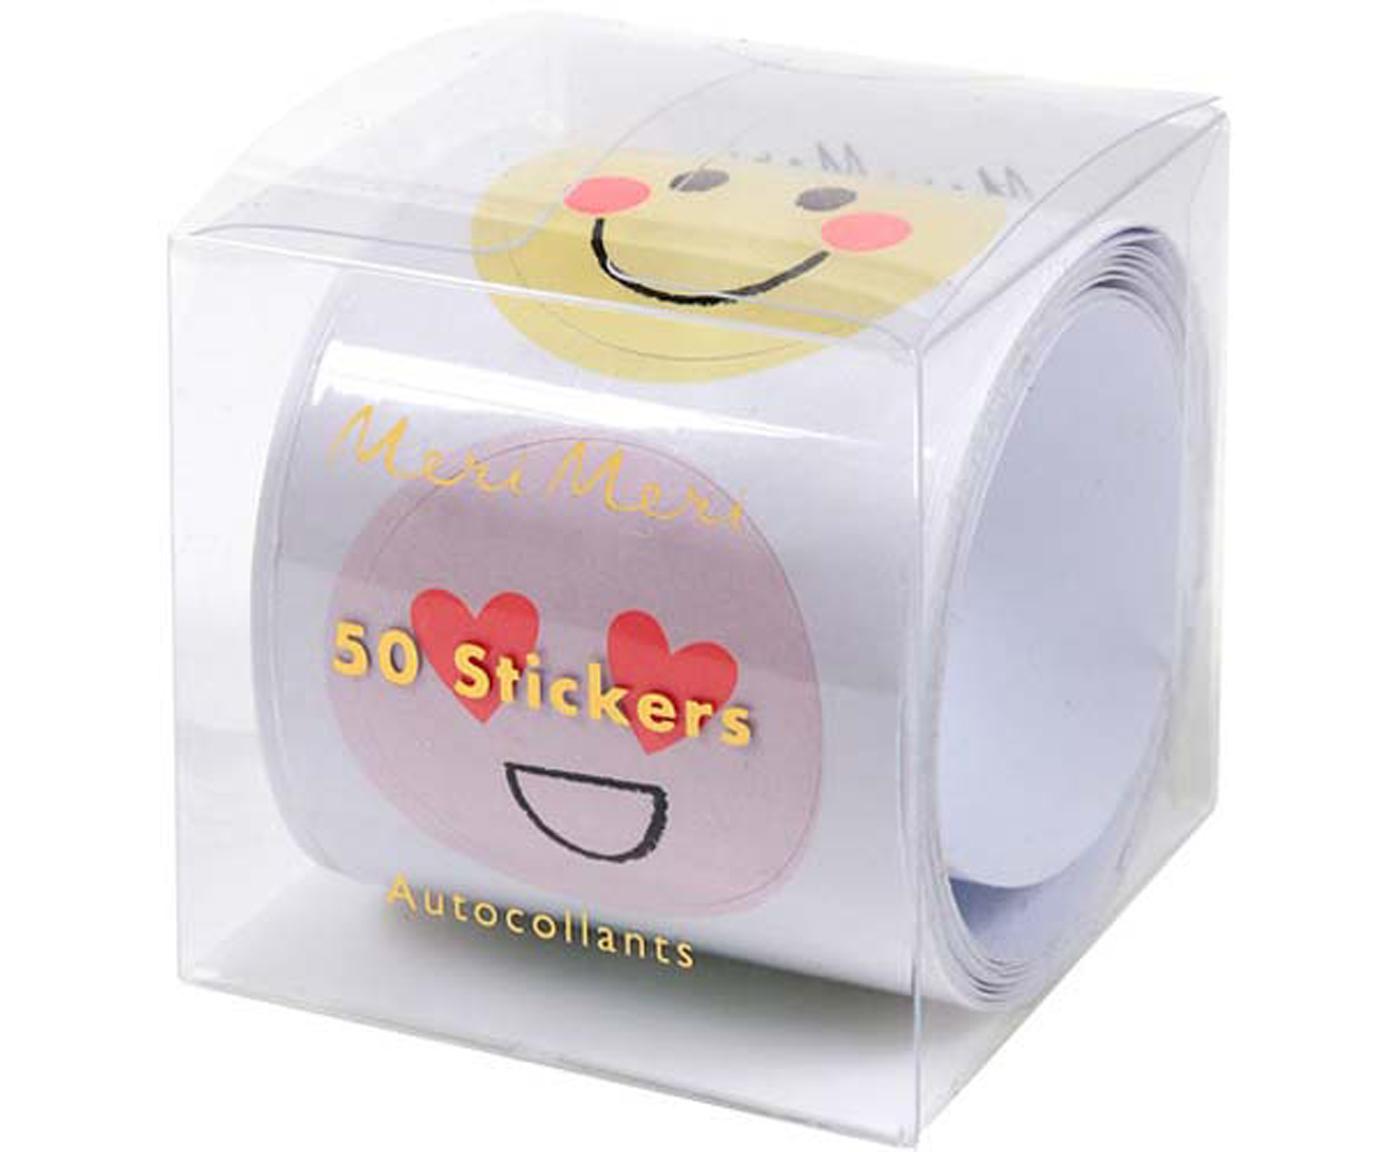 Set de pegatinas Emoji, Papel, Multicolor, An 7 x Al 7 cm